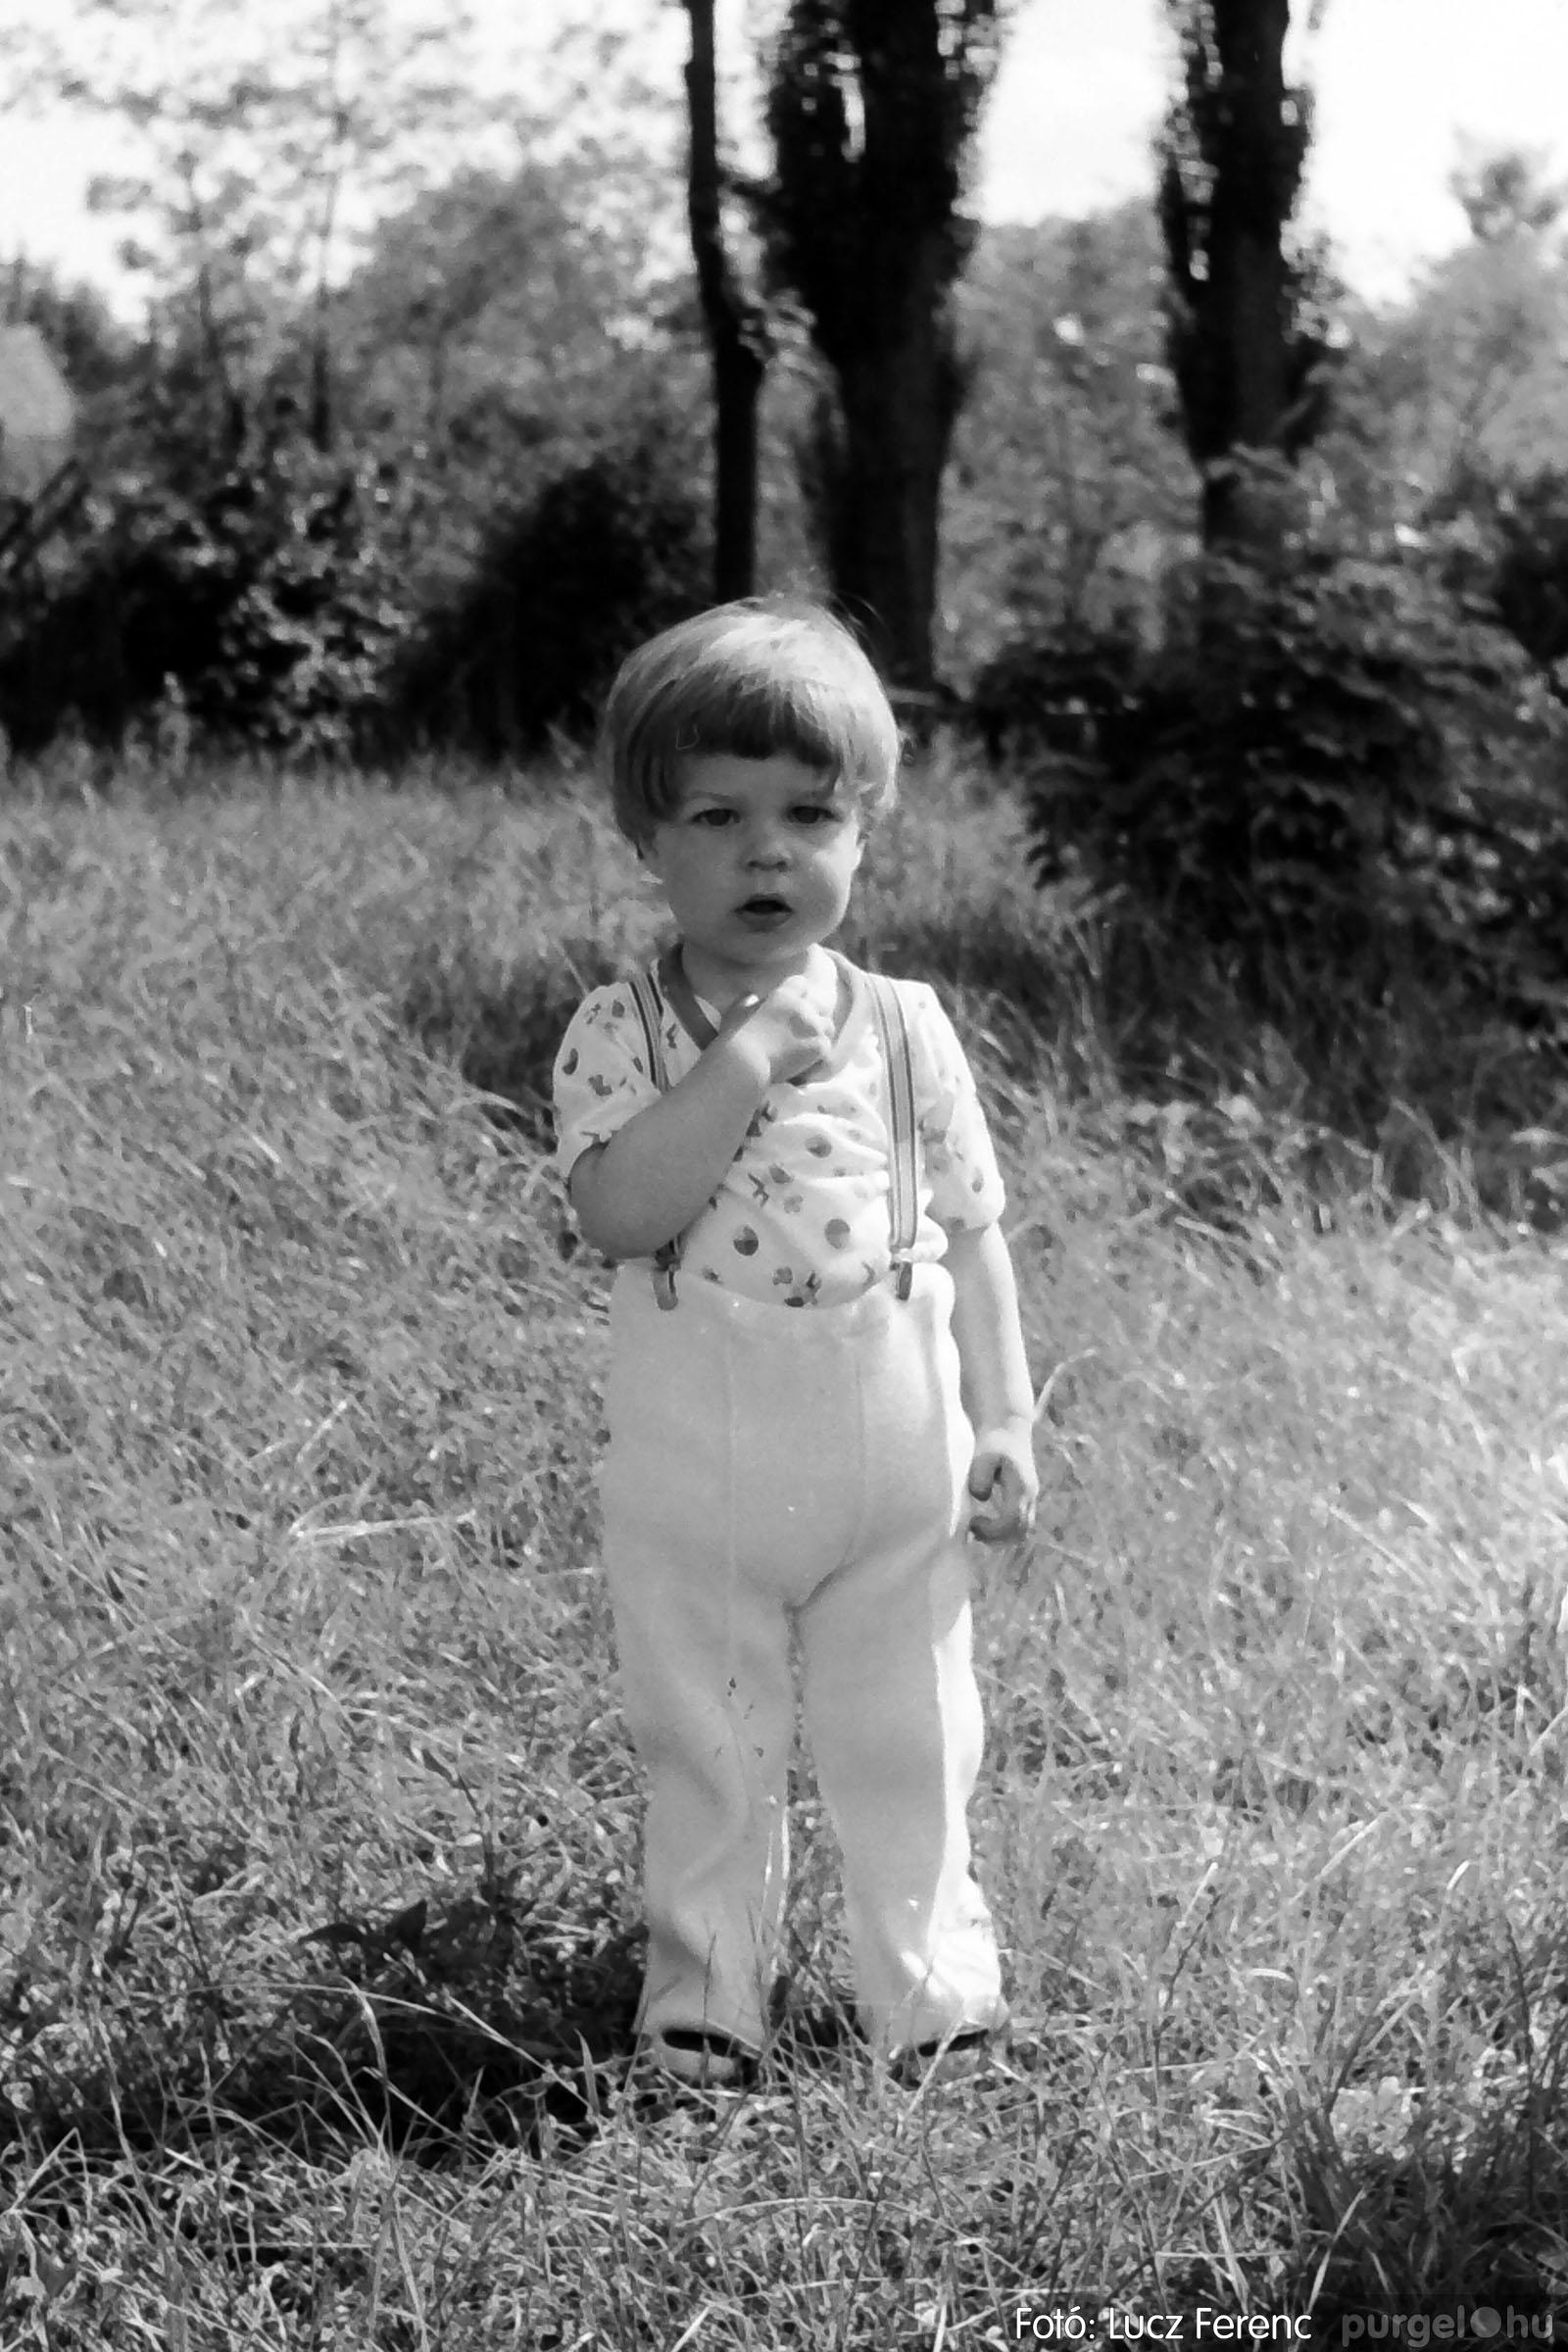 017 1975.04. Május elsejei tornabemutató főpróbája a sportpályán 013 - Fotó: Lucz Ferenc IMG00014q.jpg